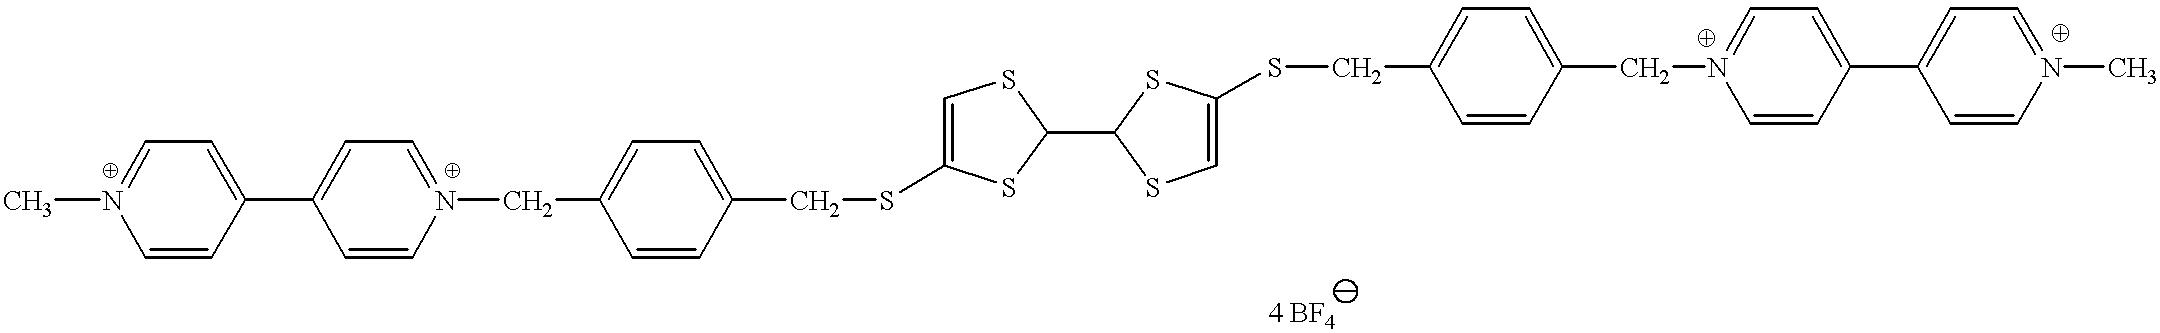 Figure US06241916-20010605-C00059